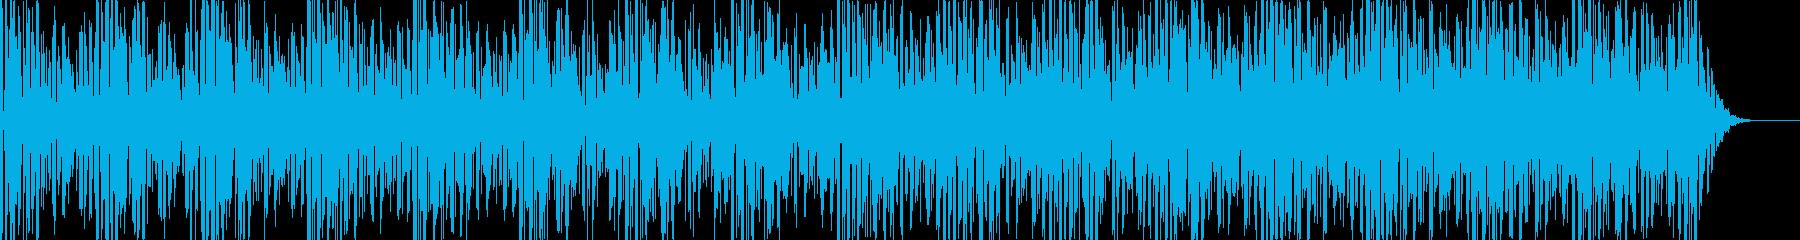 実用的シンセの無機質アンビエントBGM8の再生済みの波形